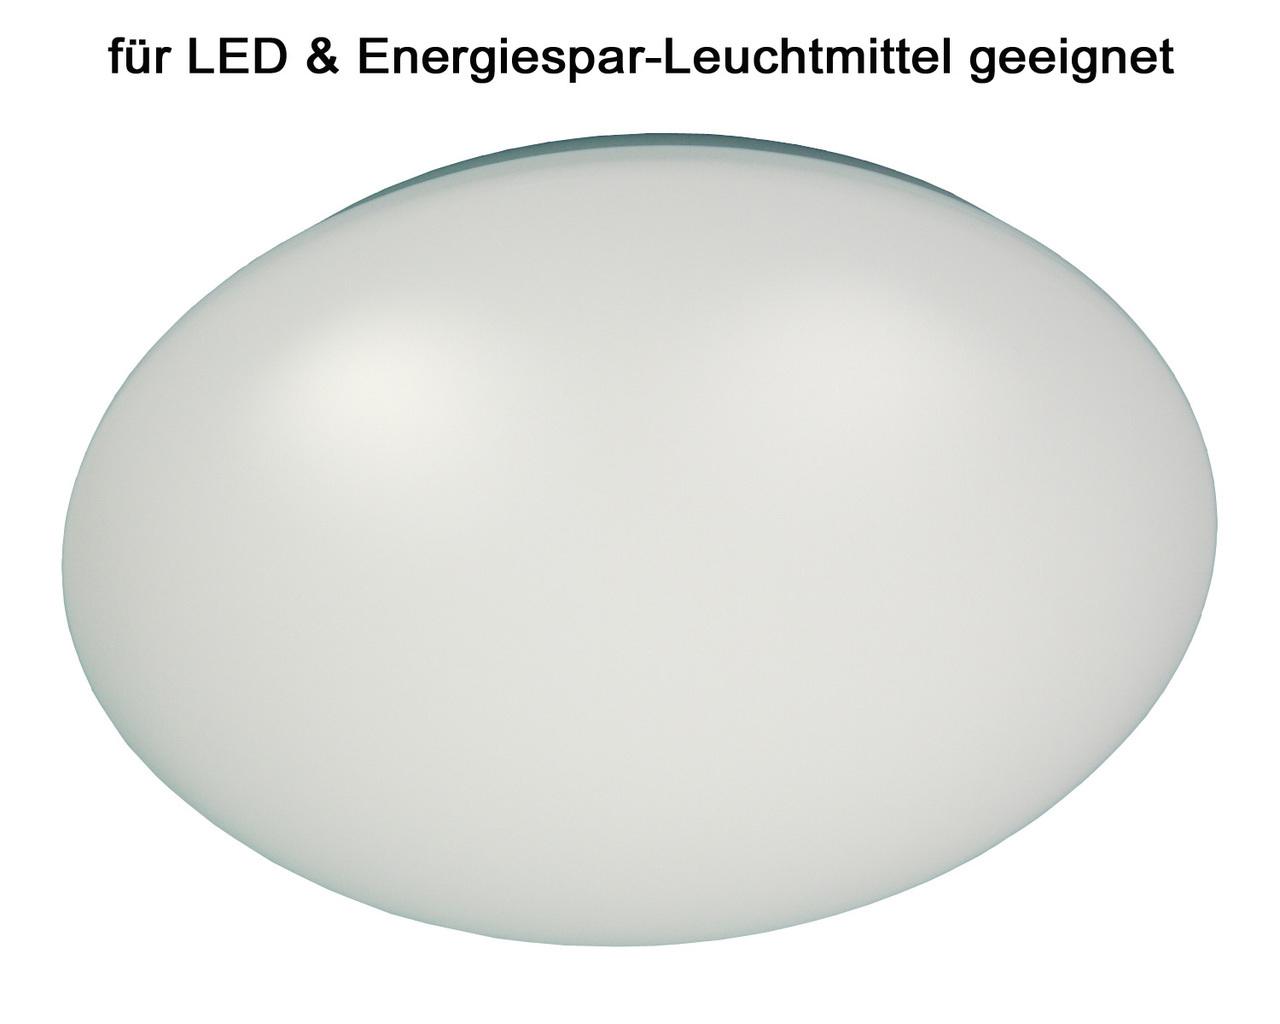 Niermann Kinderleuchte Deckenleuchte Kunststoff PMMA, Weiß, Kunststoff/Metall, 68032